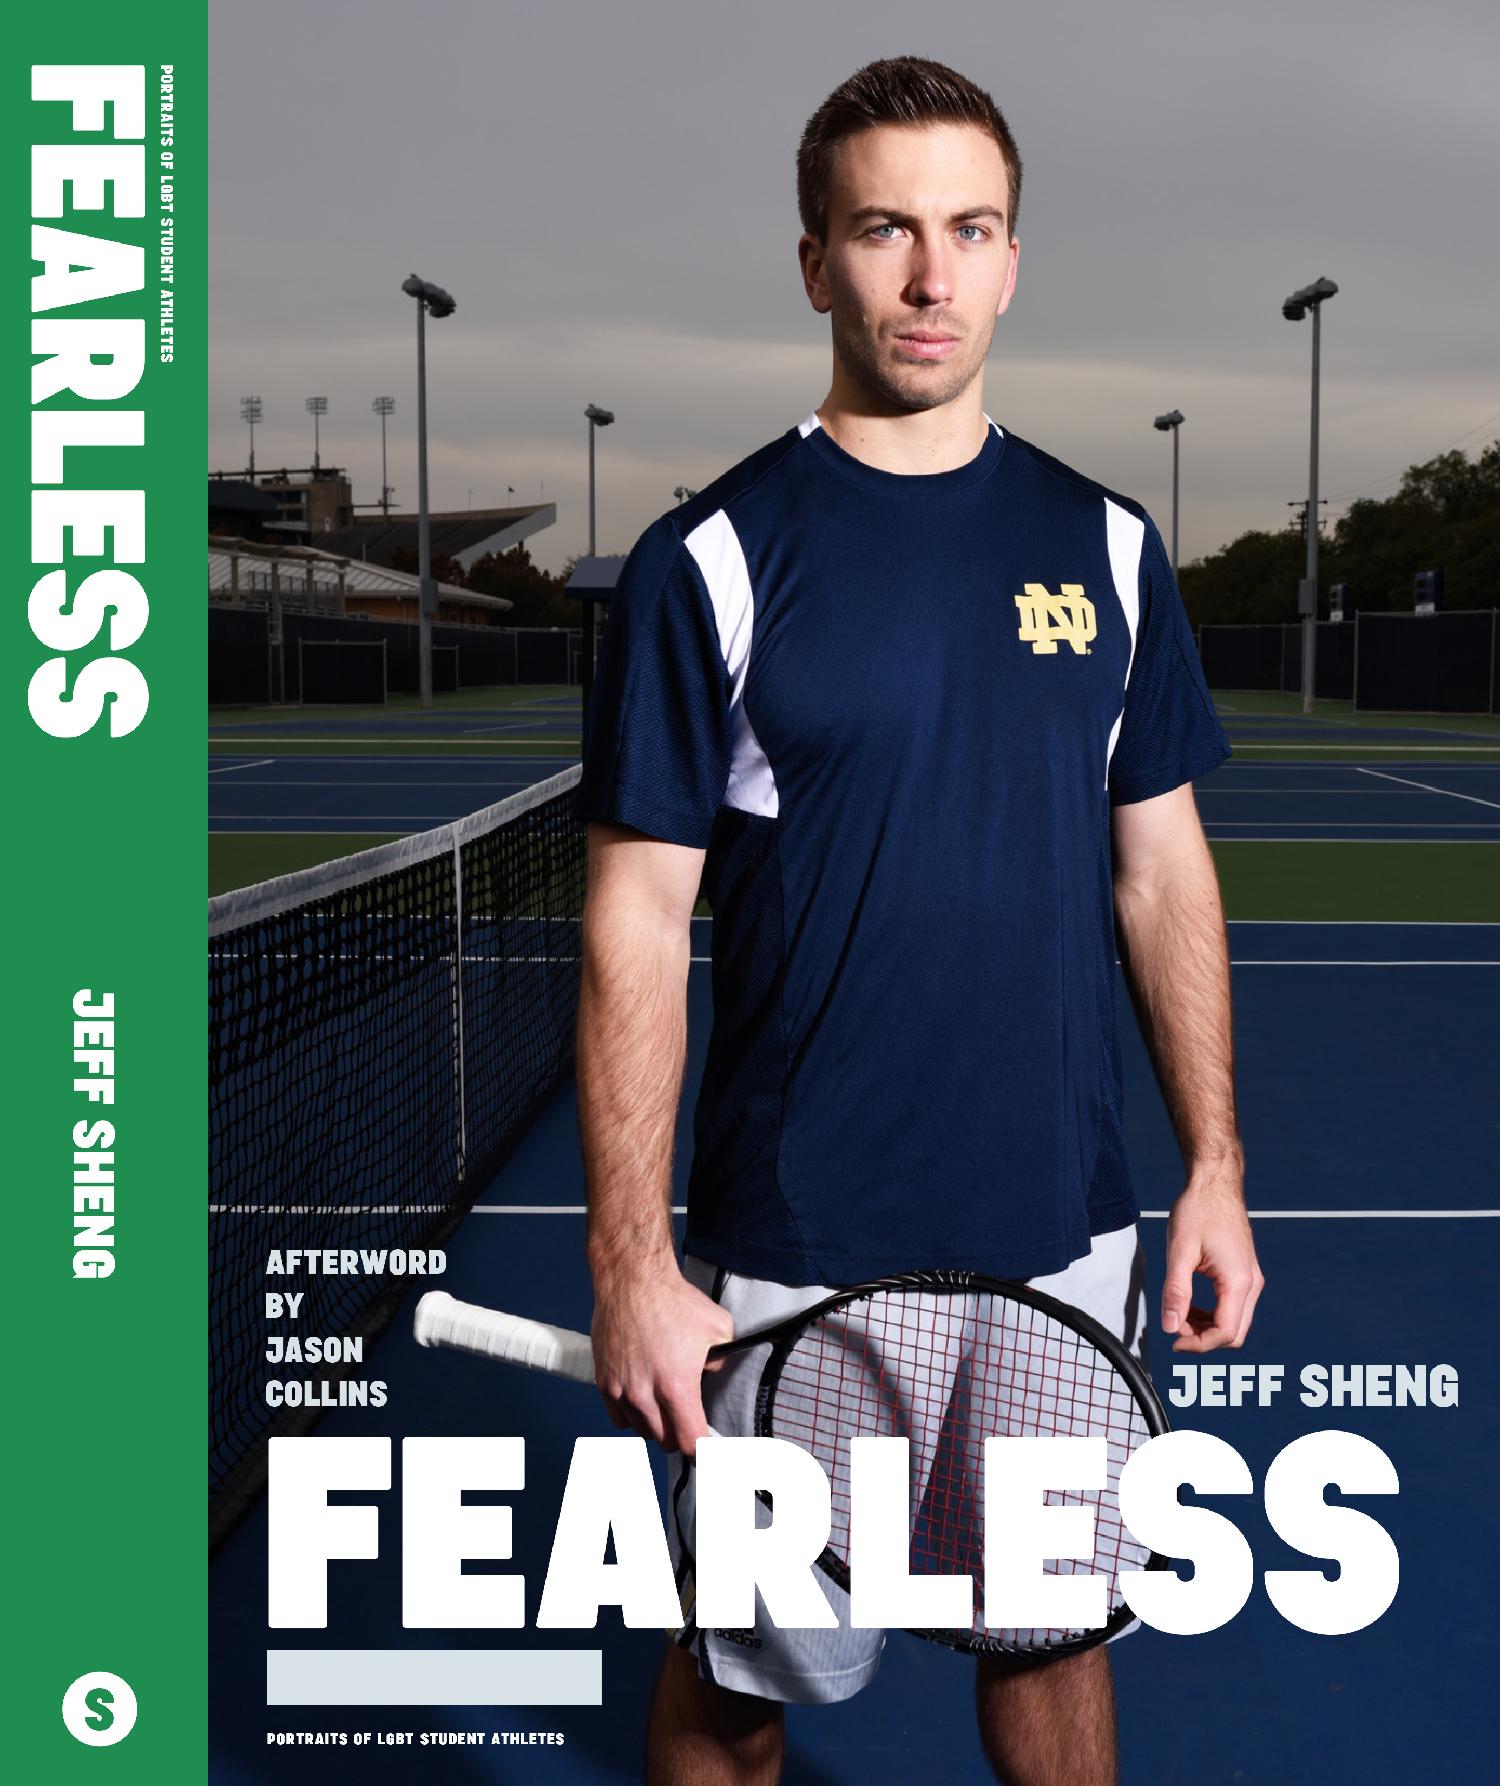 Fearless_Covers_crop.pdf-7-web-1500.jpg